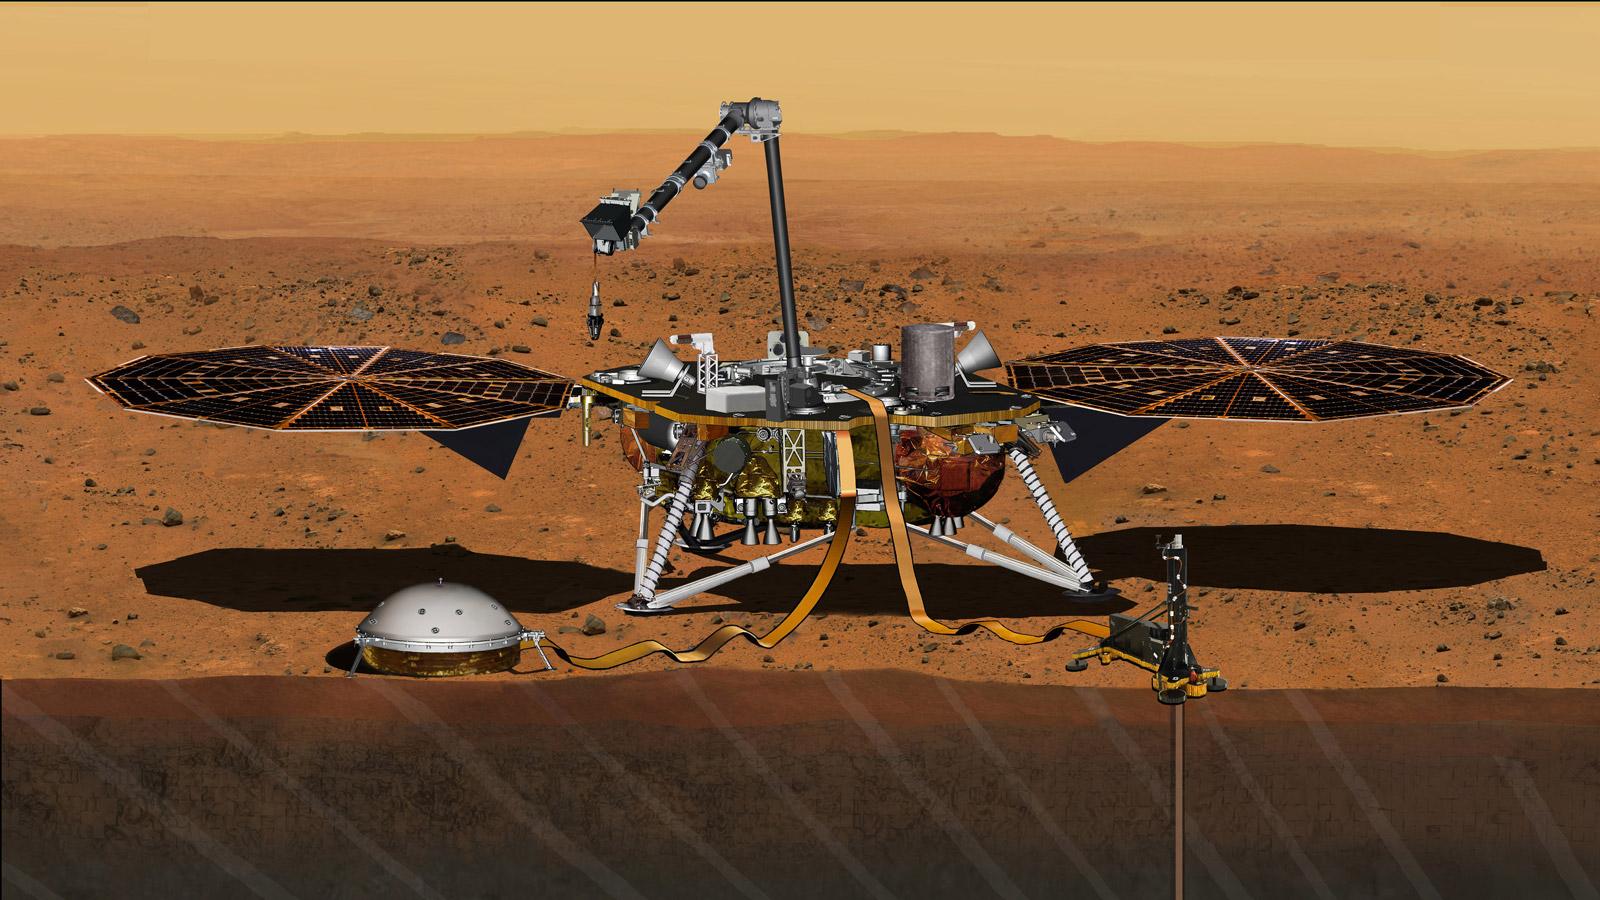 Vue d'artiste de la sonde Insight sur Mars avec son seismomètre déployé sous coupole